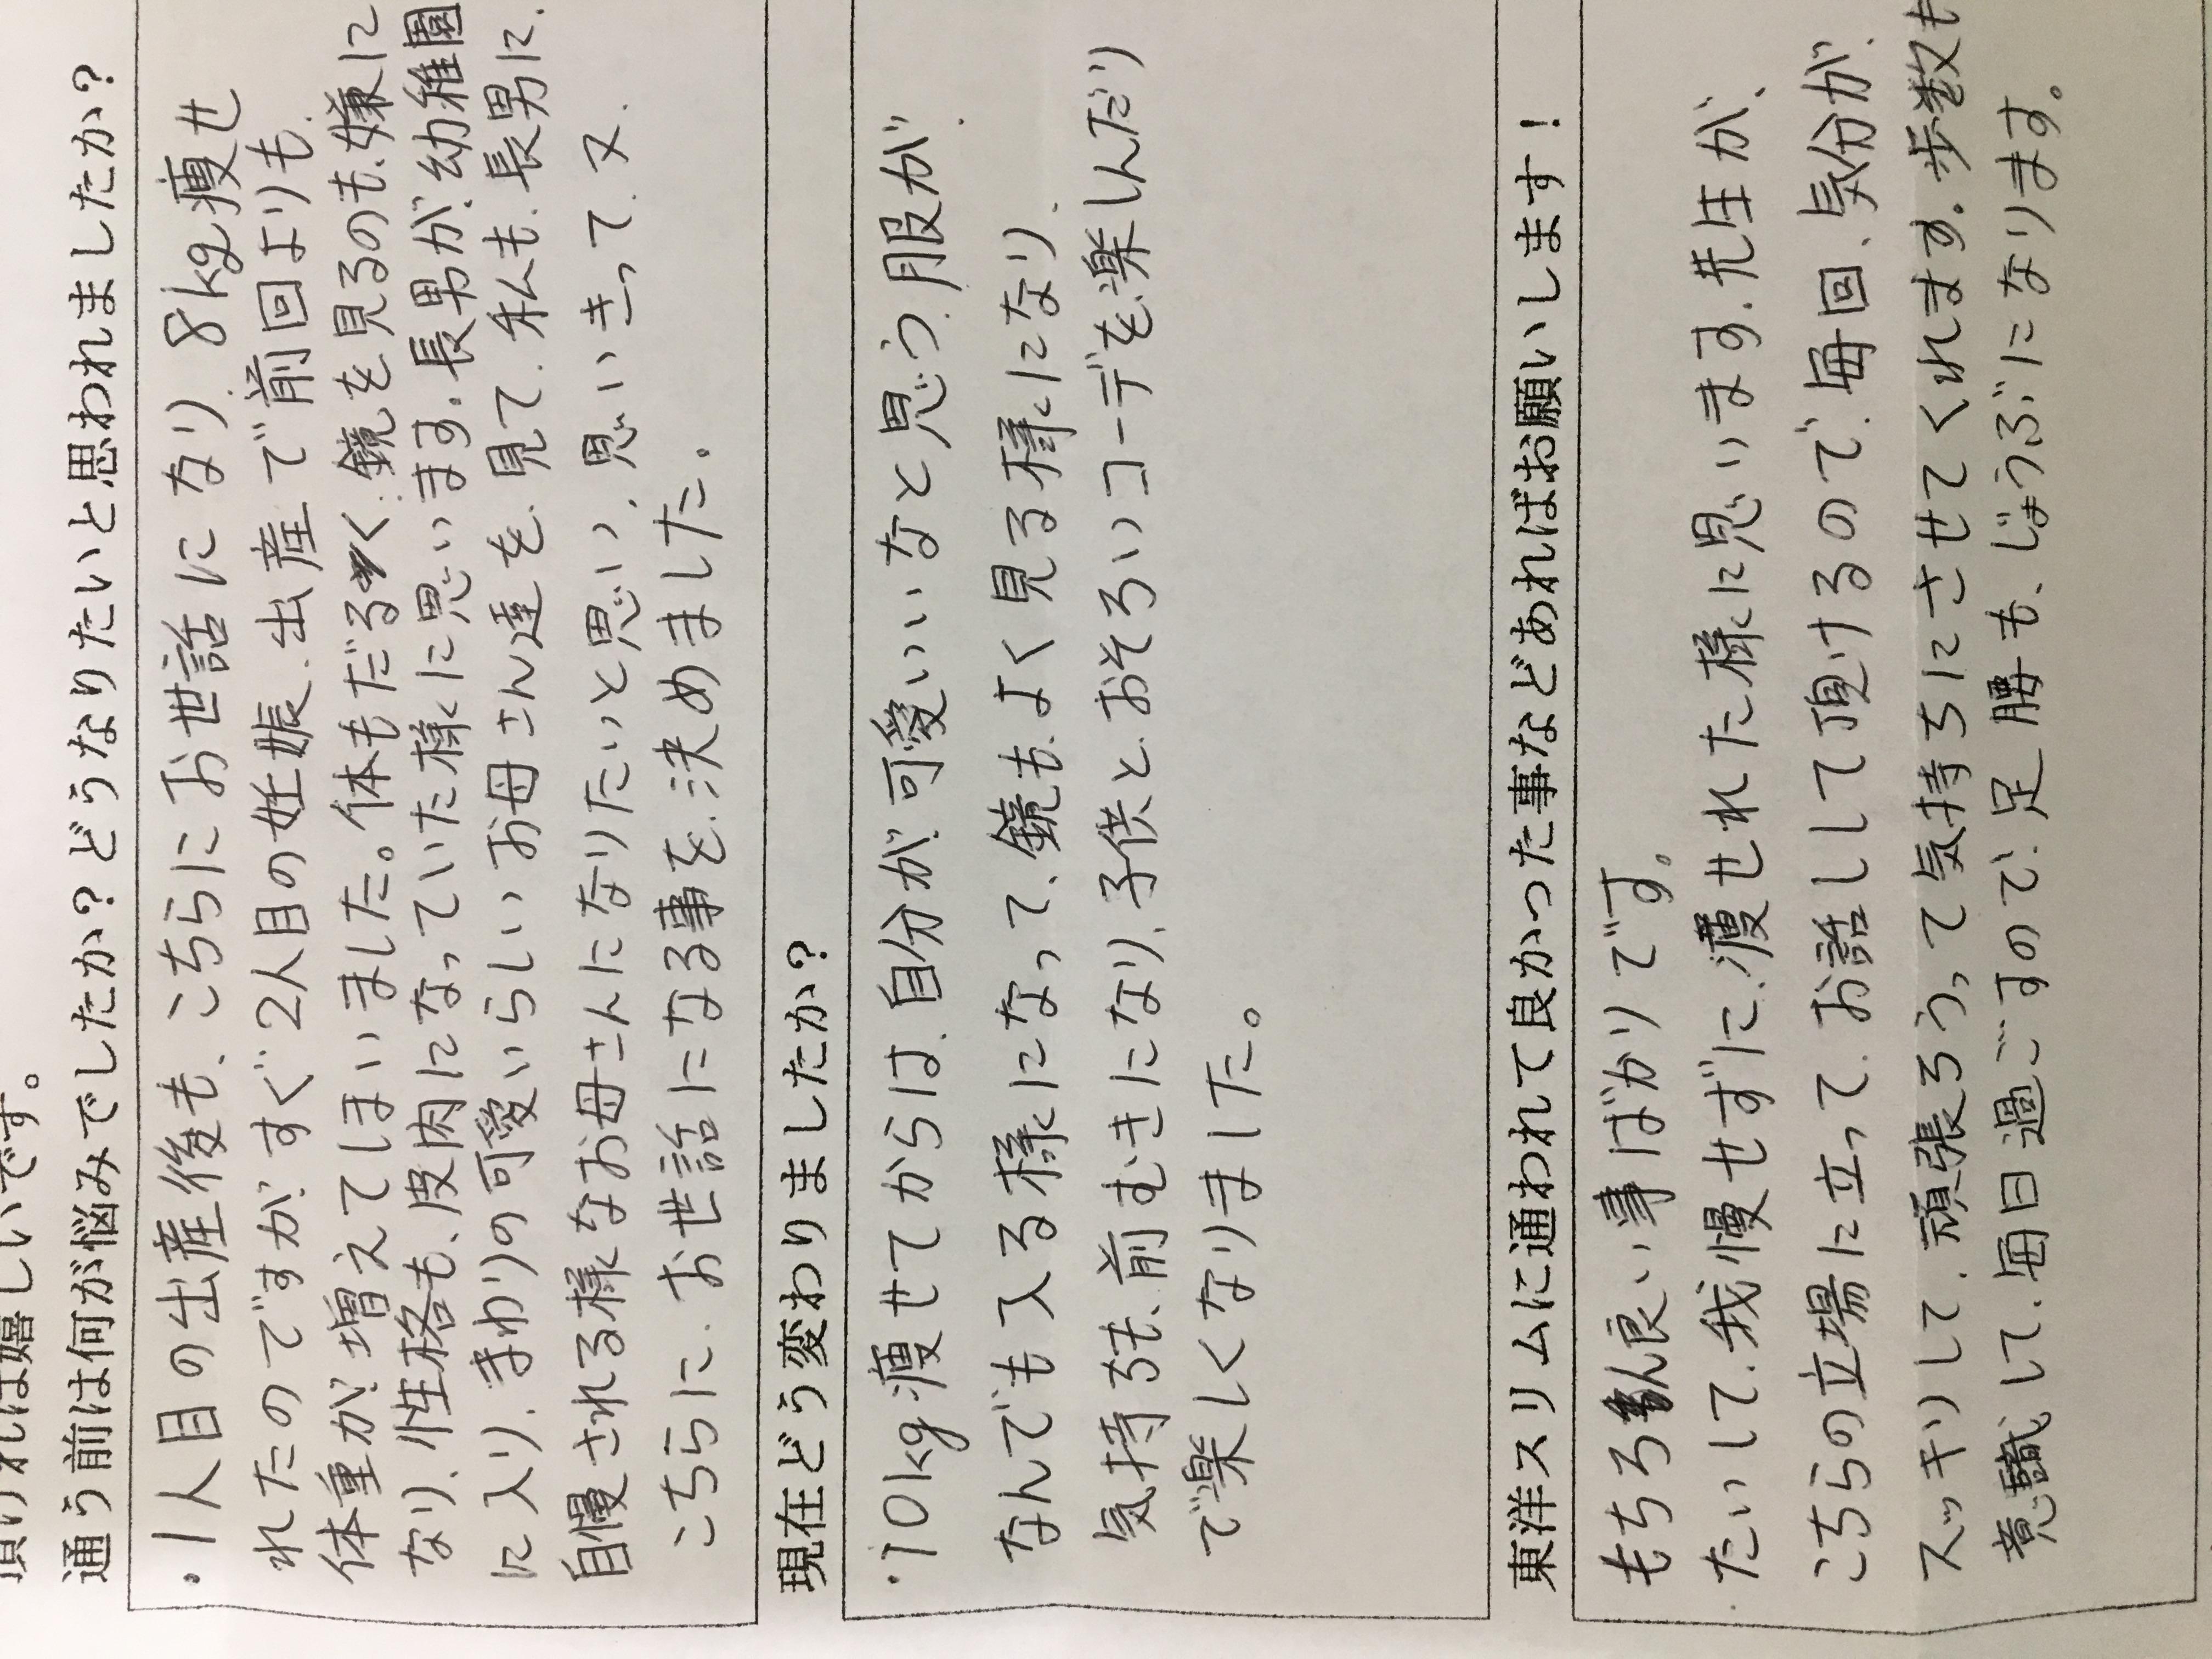 大阪府松原市Sさん35才耳つぼダイエットでー10kg成功